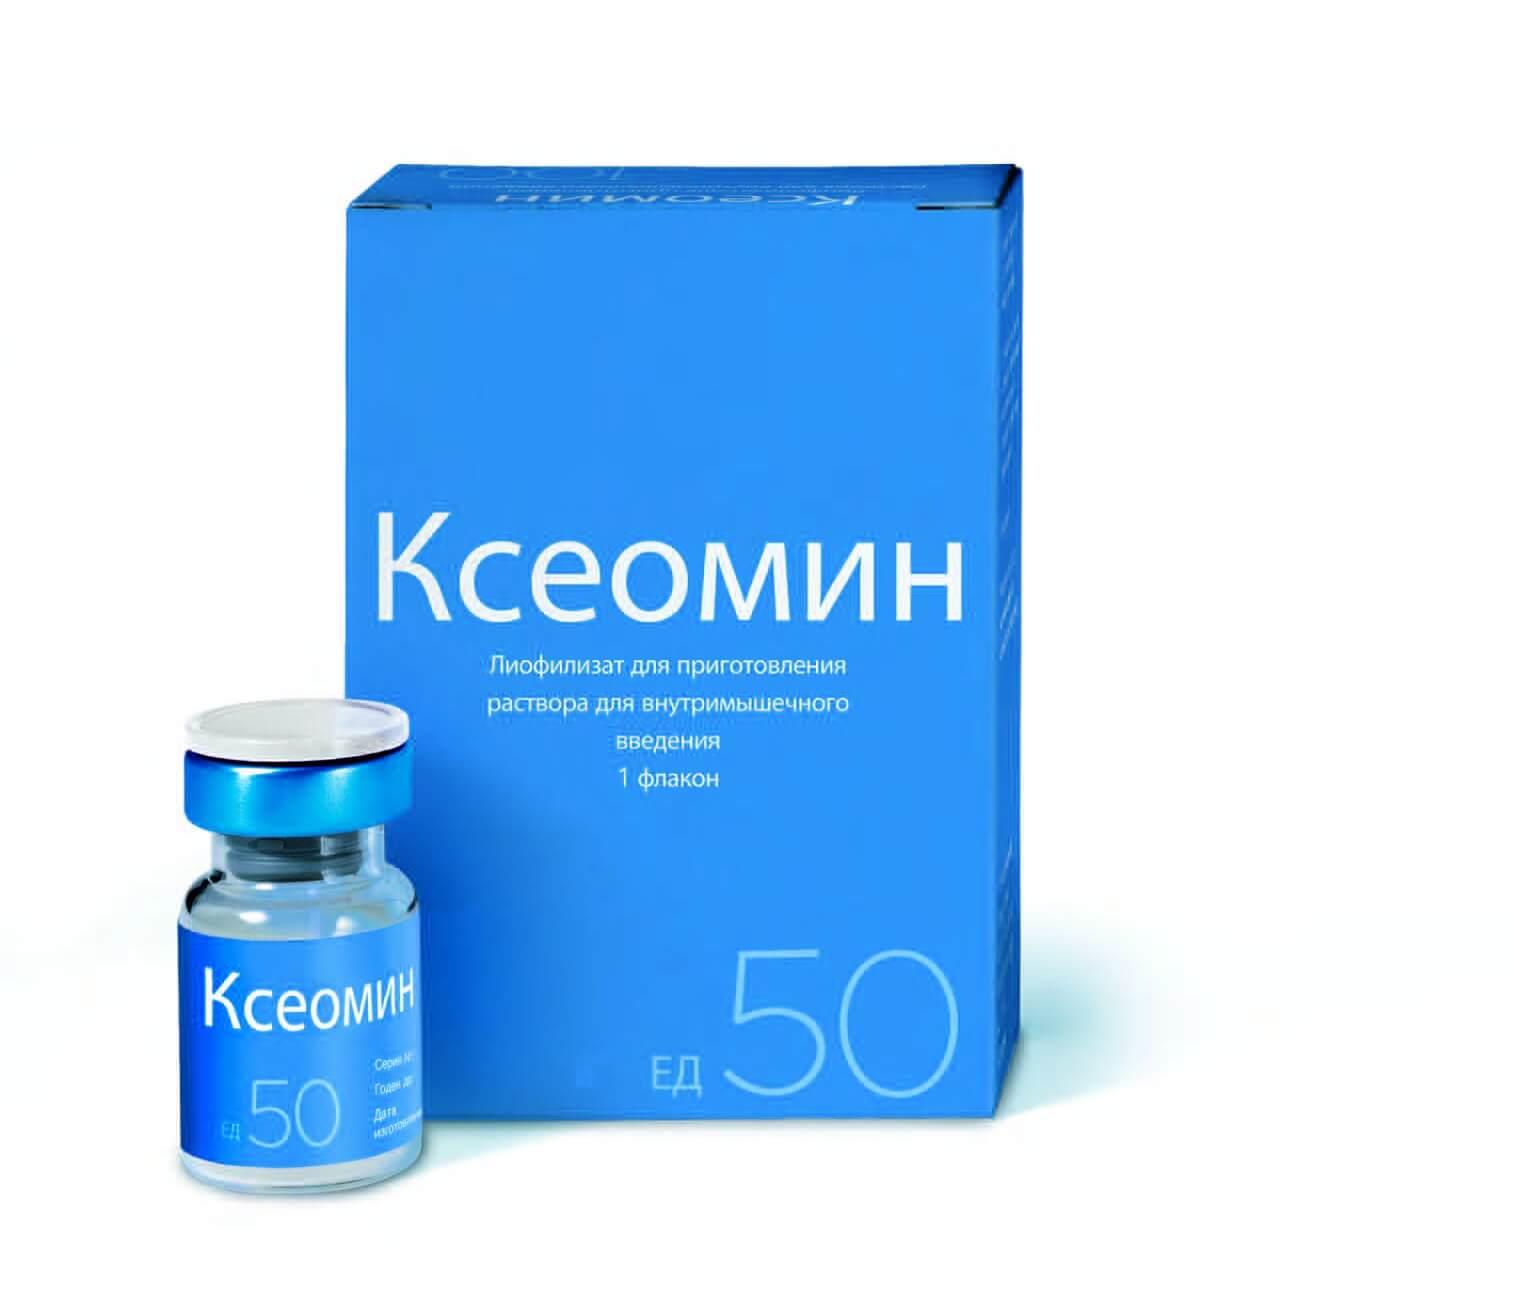 Ксеомин: инструкция по применению лиофилизата